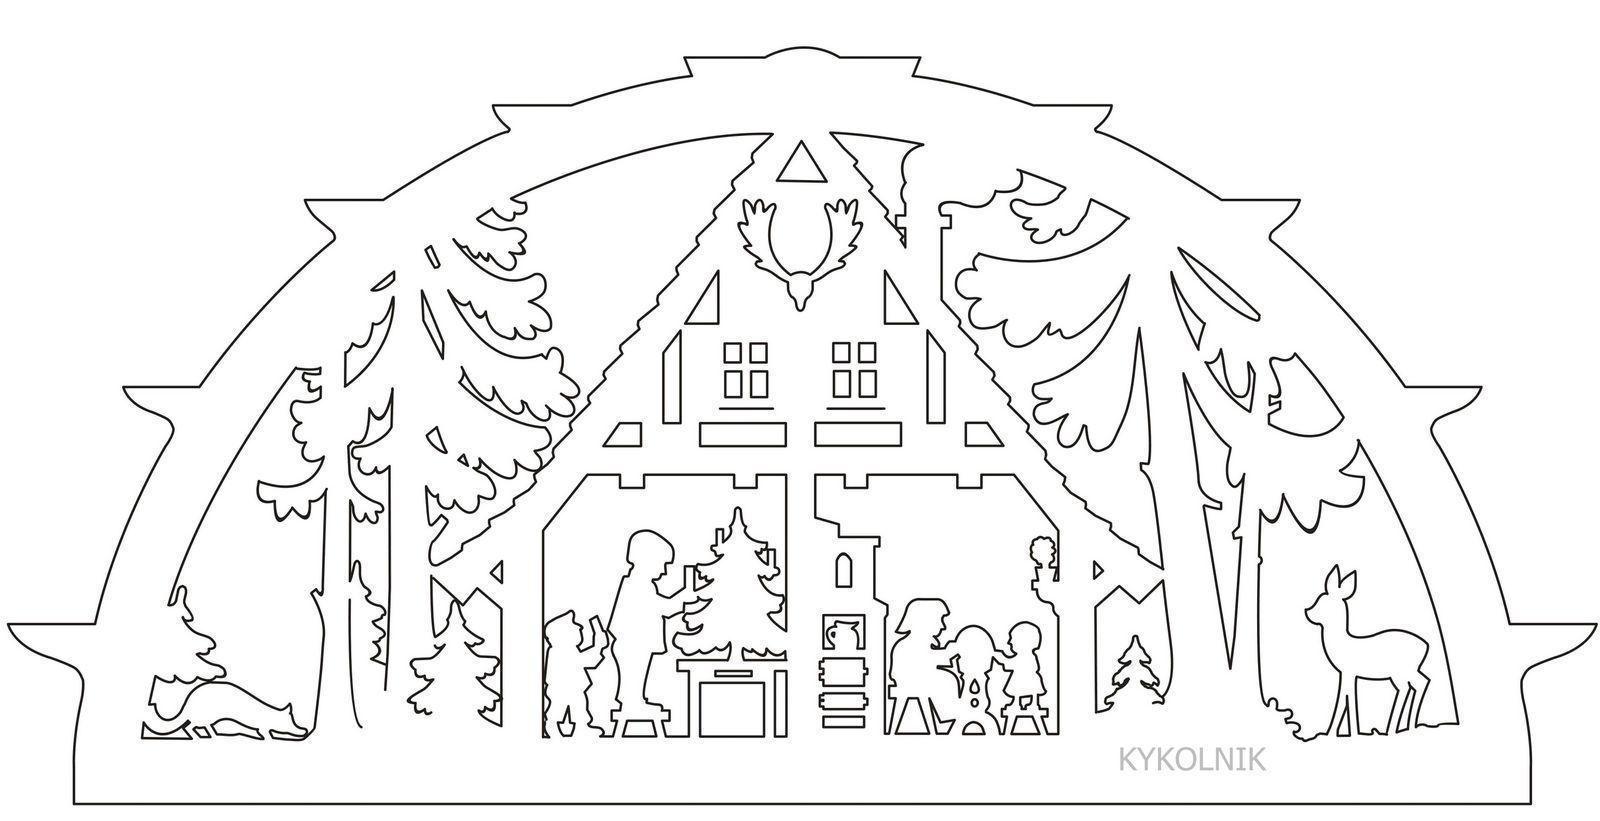 Pinterest Schwibbogen Schwippbogen Und Avec Fensterbilder Weihnachten Vorlagen Zum Ausdr Laubsage Vorlagen Weihnachten Papierschneidekunst Weihnachtsschablonen